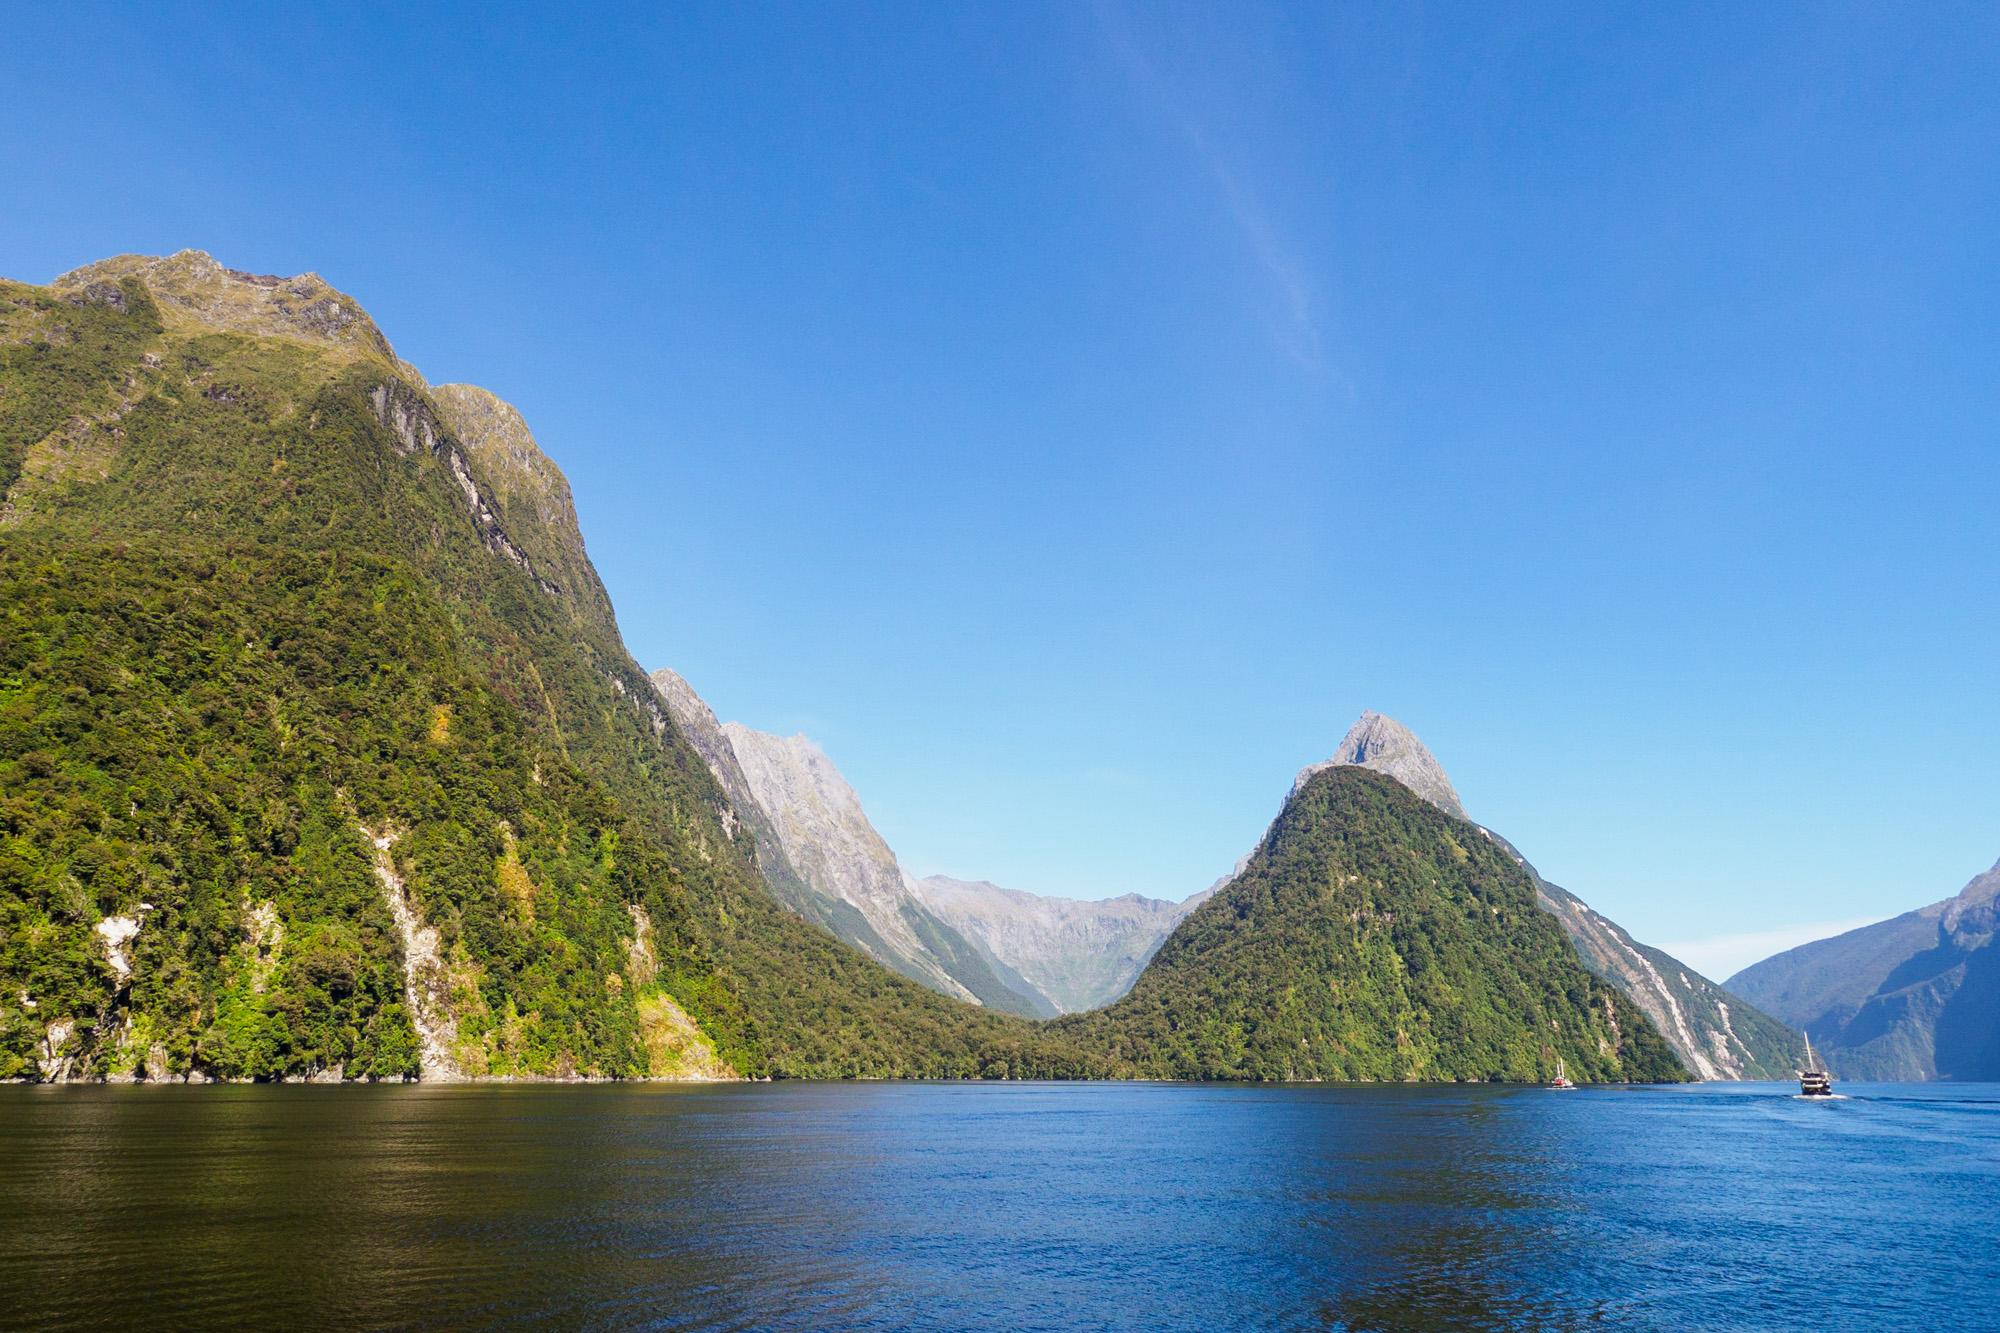 Milford Sound - Sinbad Gully